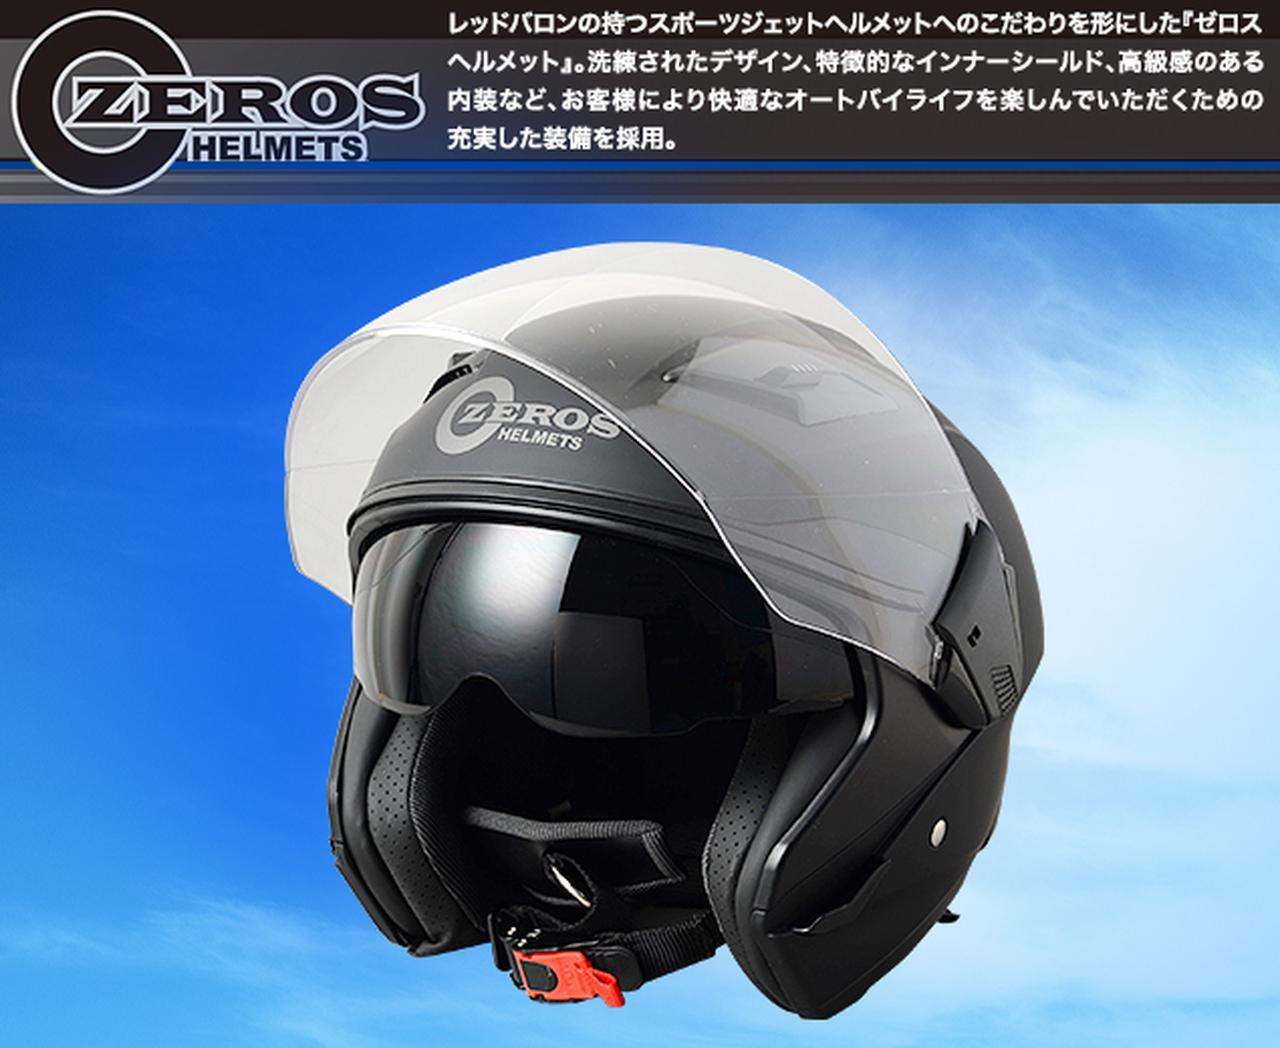 画像: ROM ゼロスヘルメット / レッドバロン公式サイト